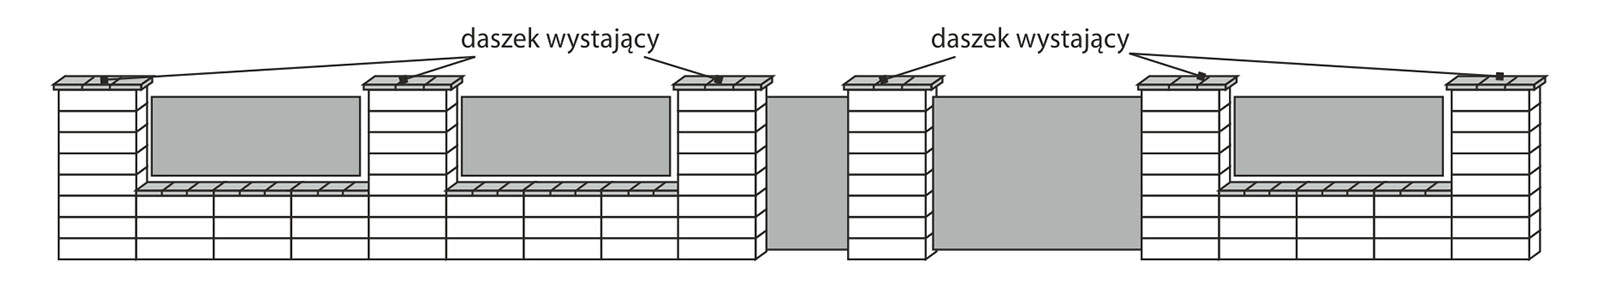 Słupki w szerokości podmurówki